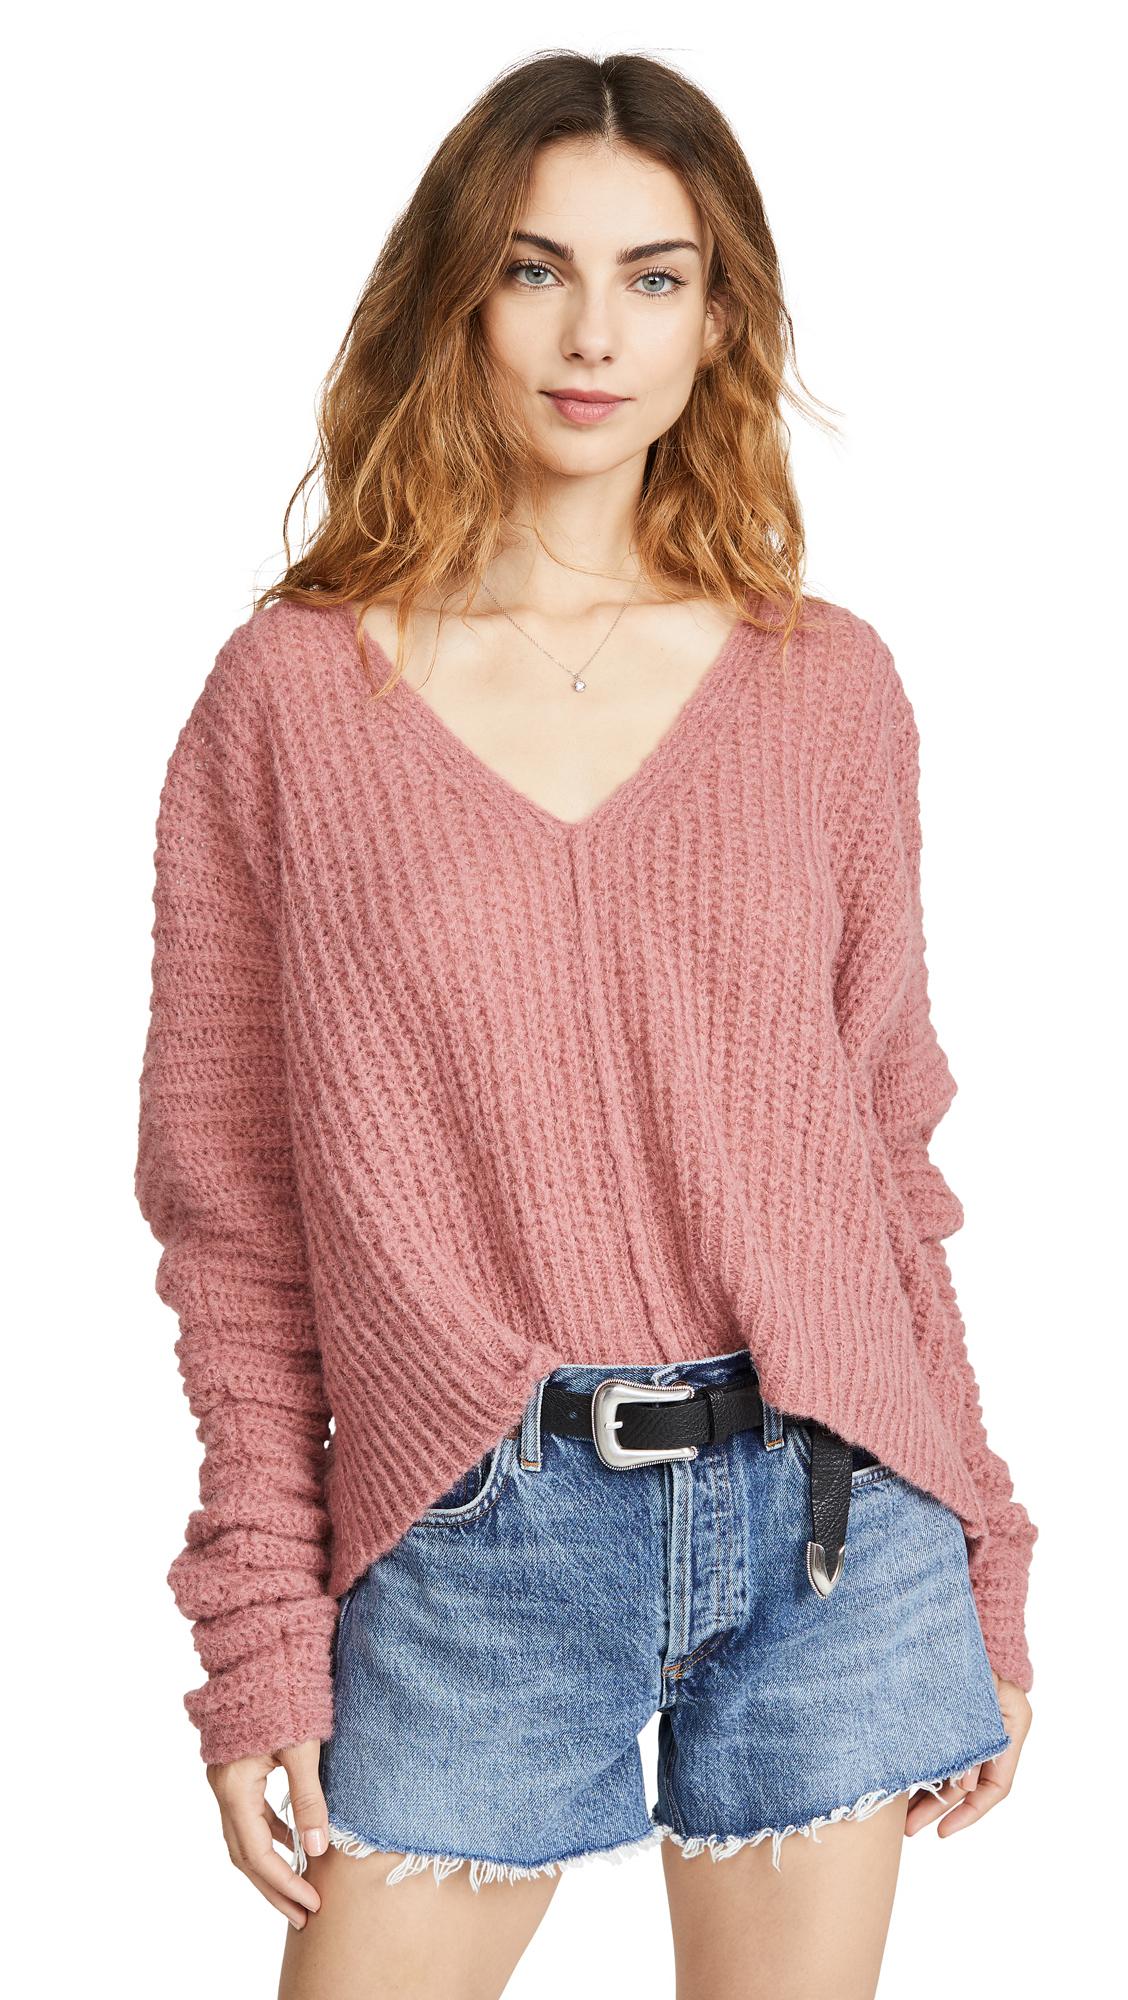 Free People Moonbeam Alpaca Sweater - Prairie Rose